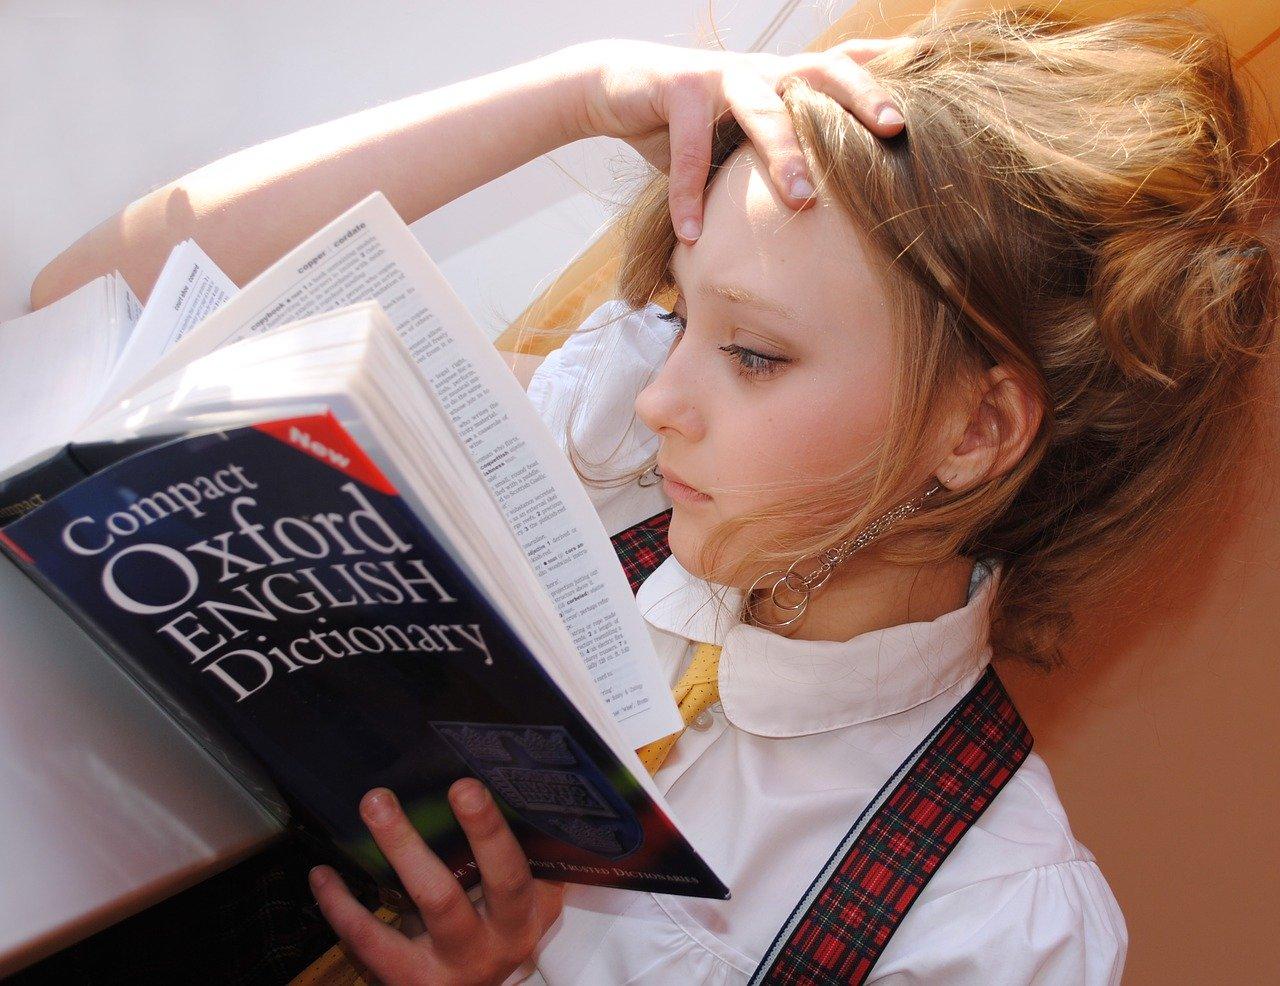 Estudar inglês em casa da resultado